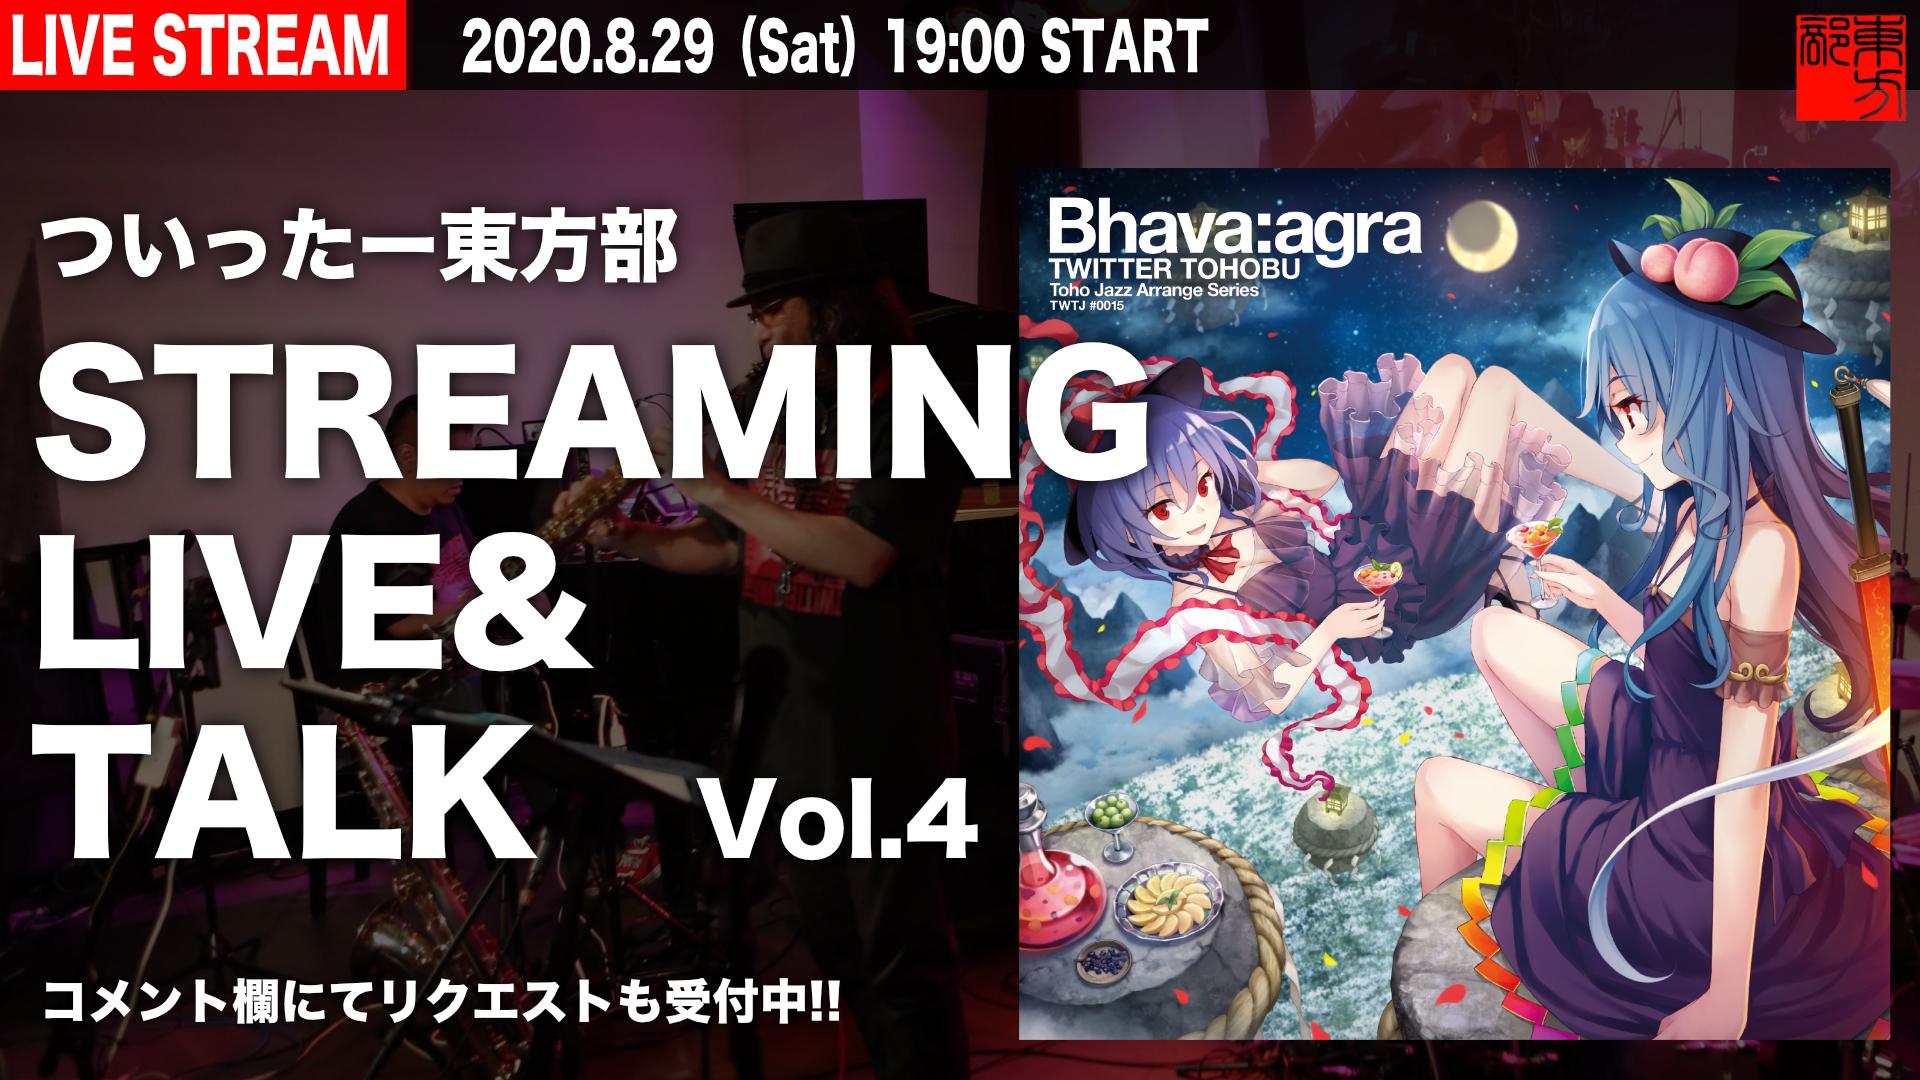 【ついったー東方部】配信ライブ&トーク vol.4 2020/0829 19:30